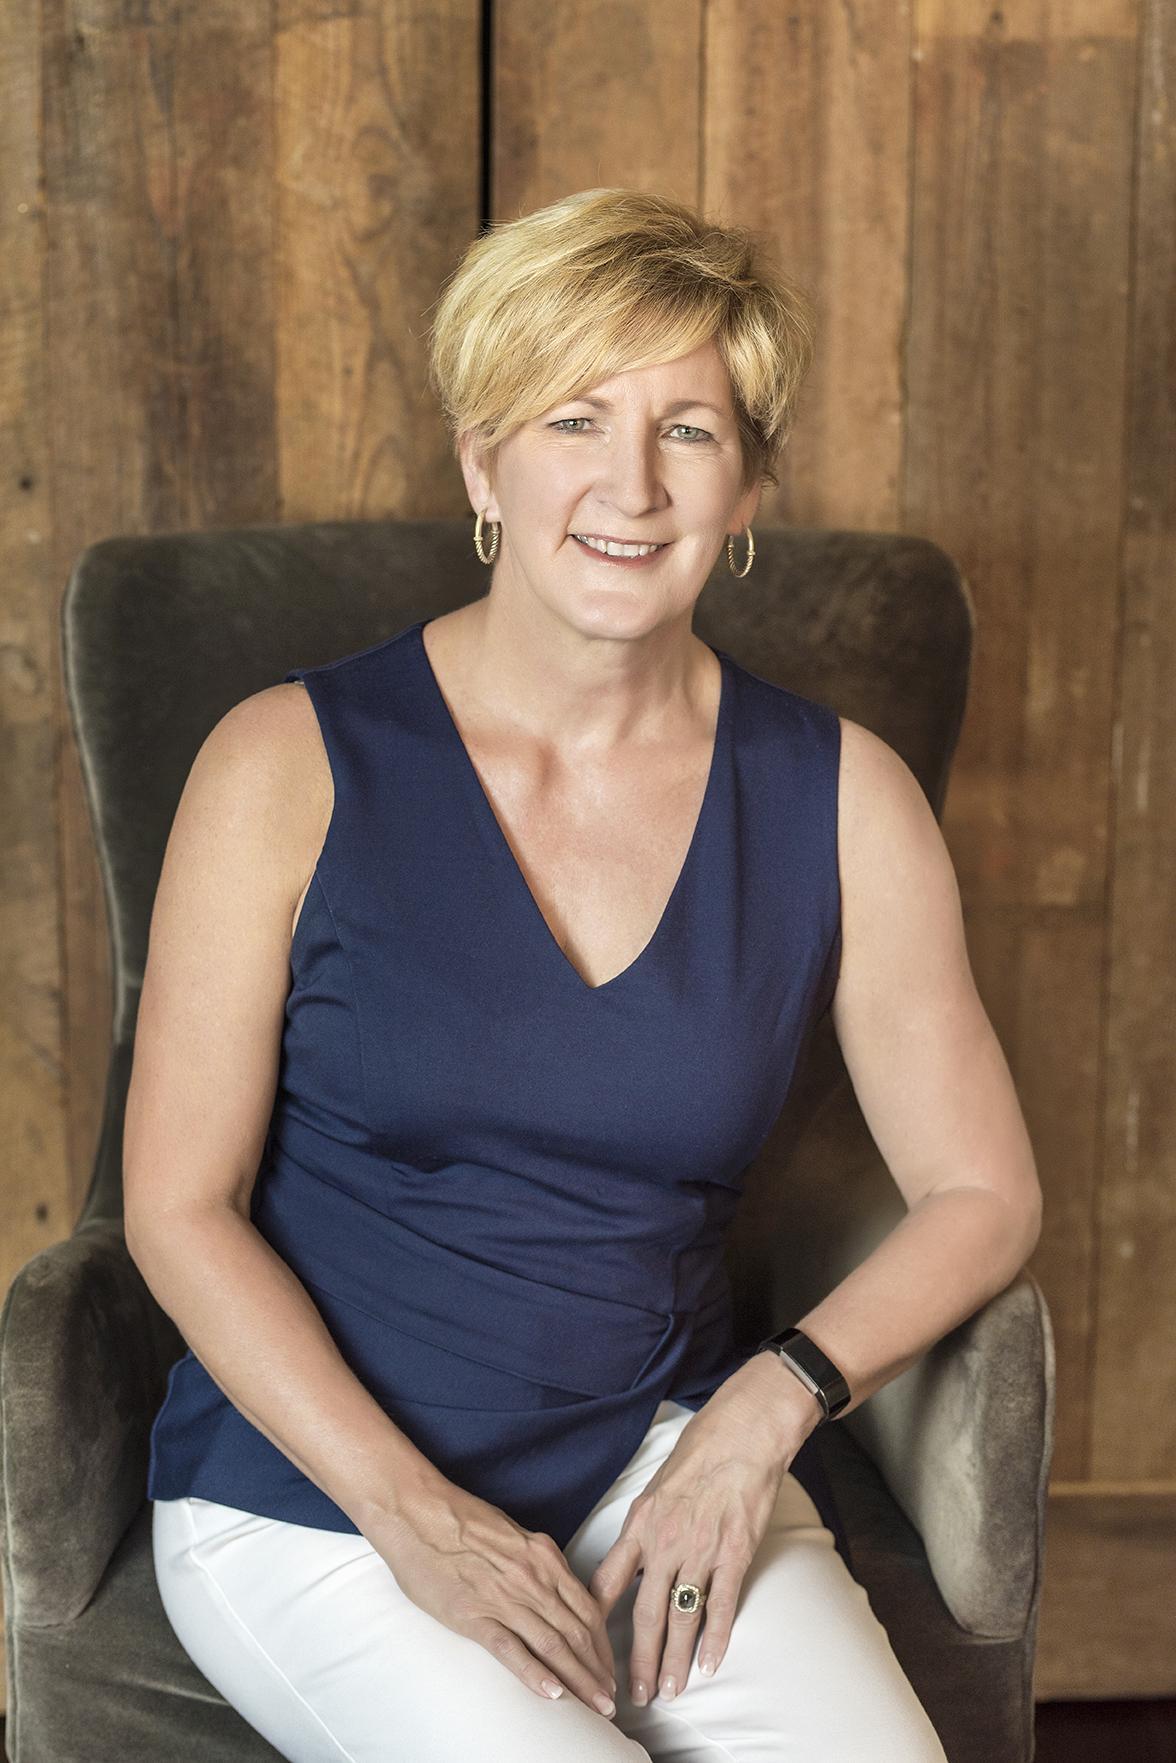 Kathy Ligon - Founder & CEO